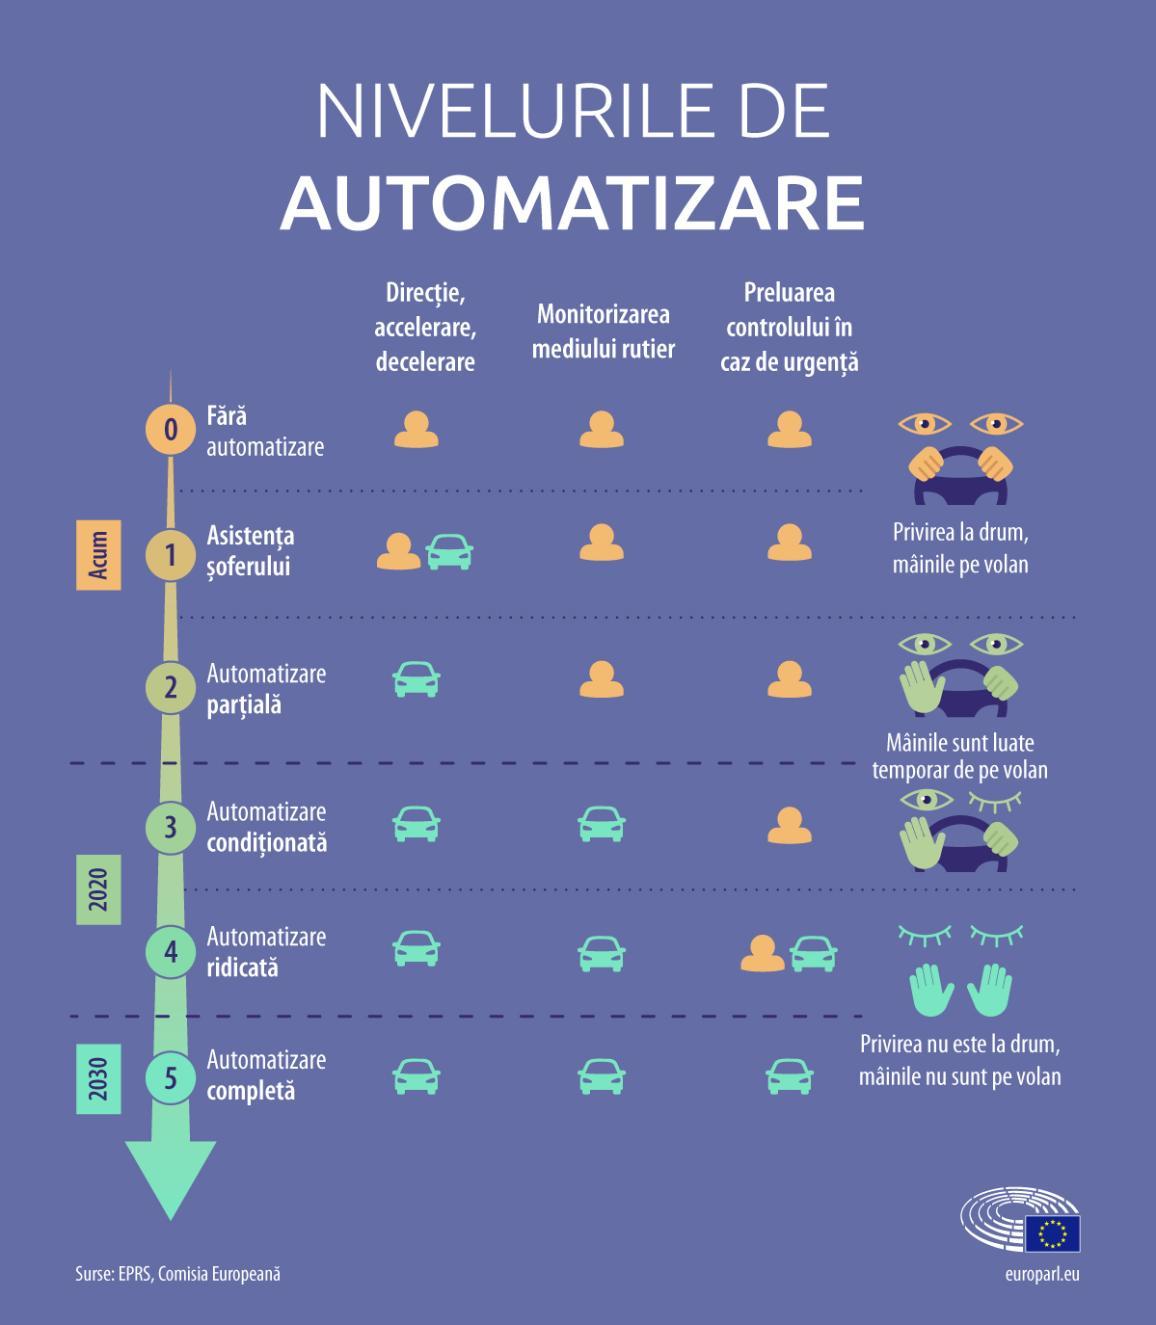 Nivelurile de automatizare.